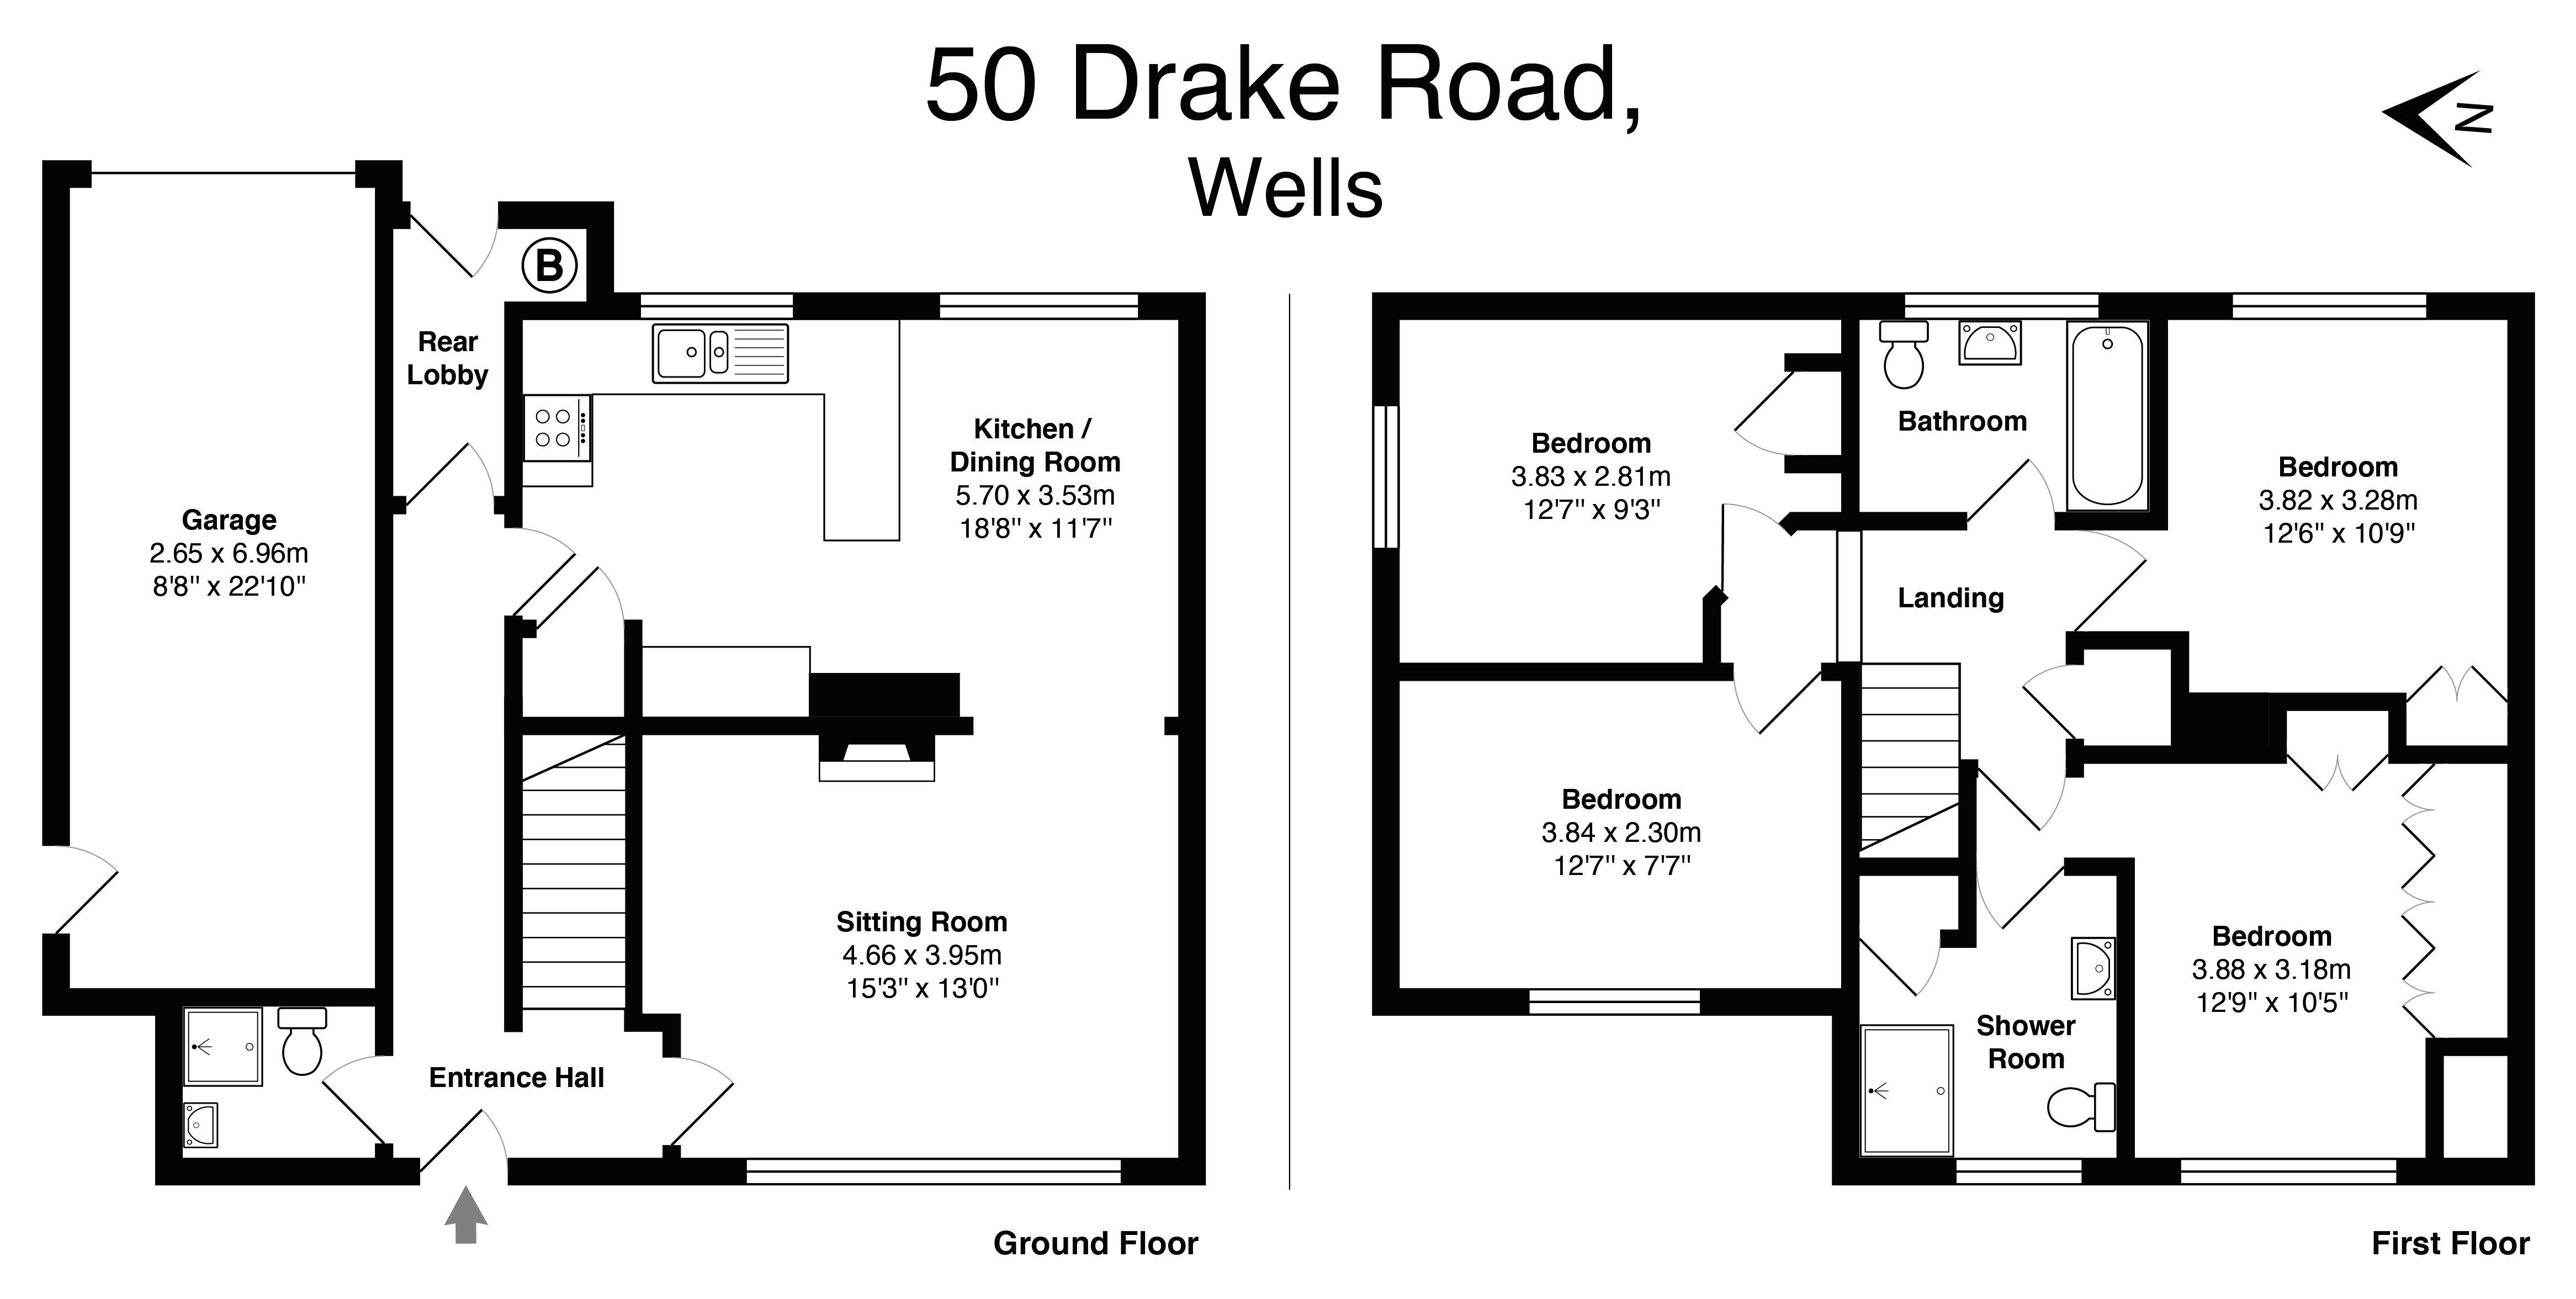 Drake Road